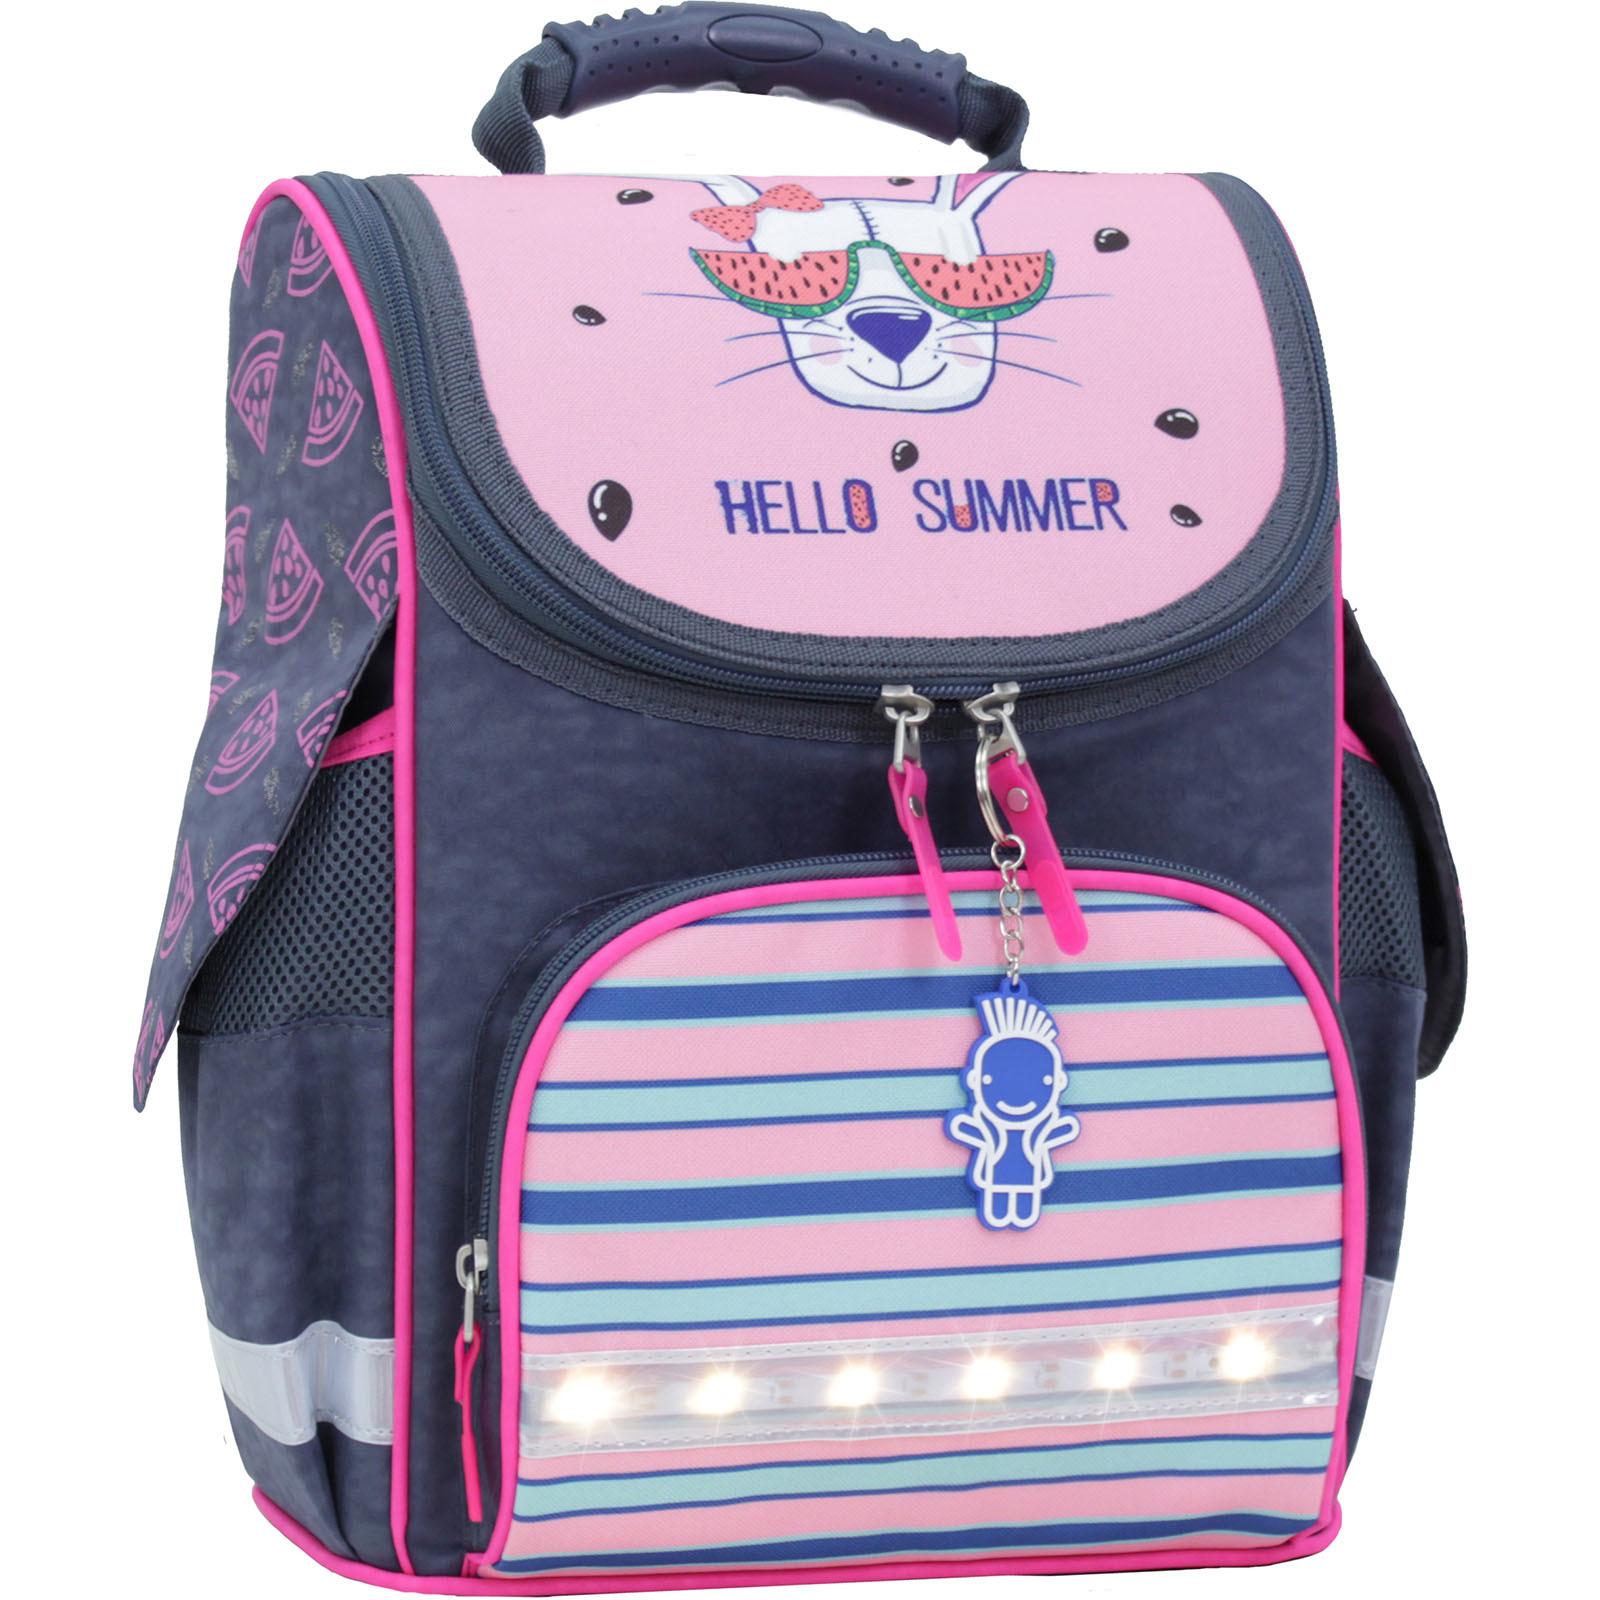 Школьные рюкзаки Рюкзак школьный каркасный с фонариками Bagland Успех 12 л. серый 204к (00551703) IMG_0038.JPG